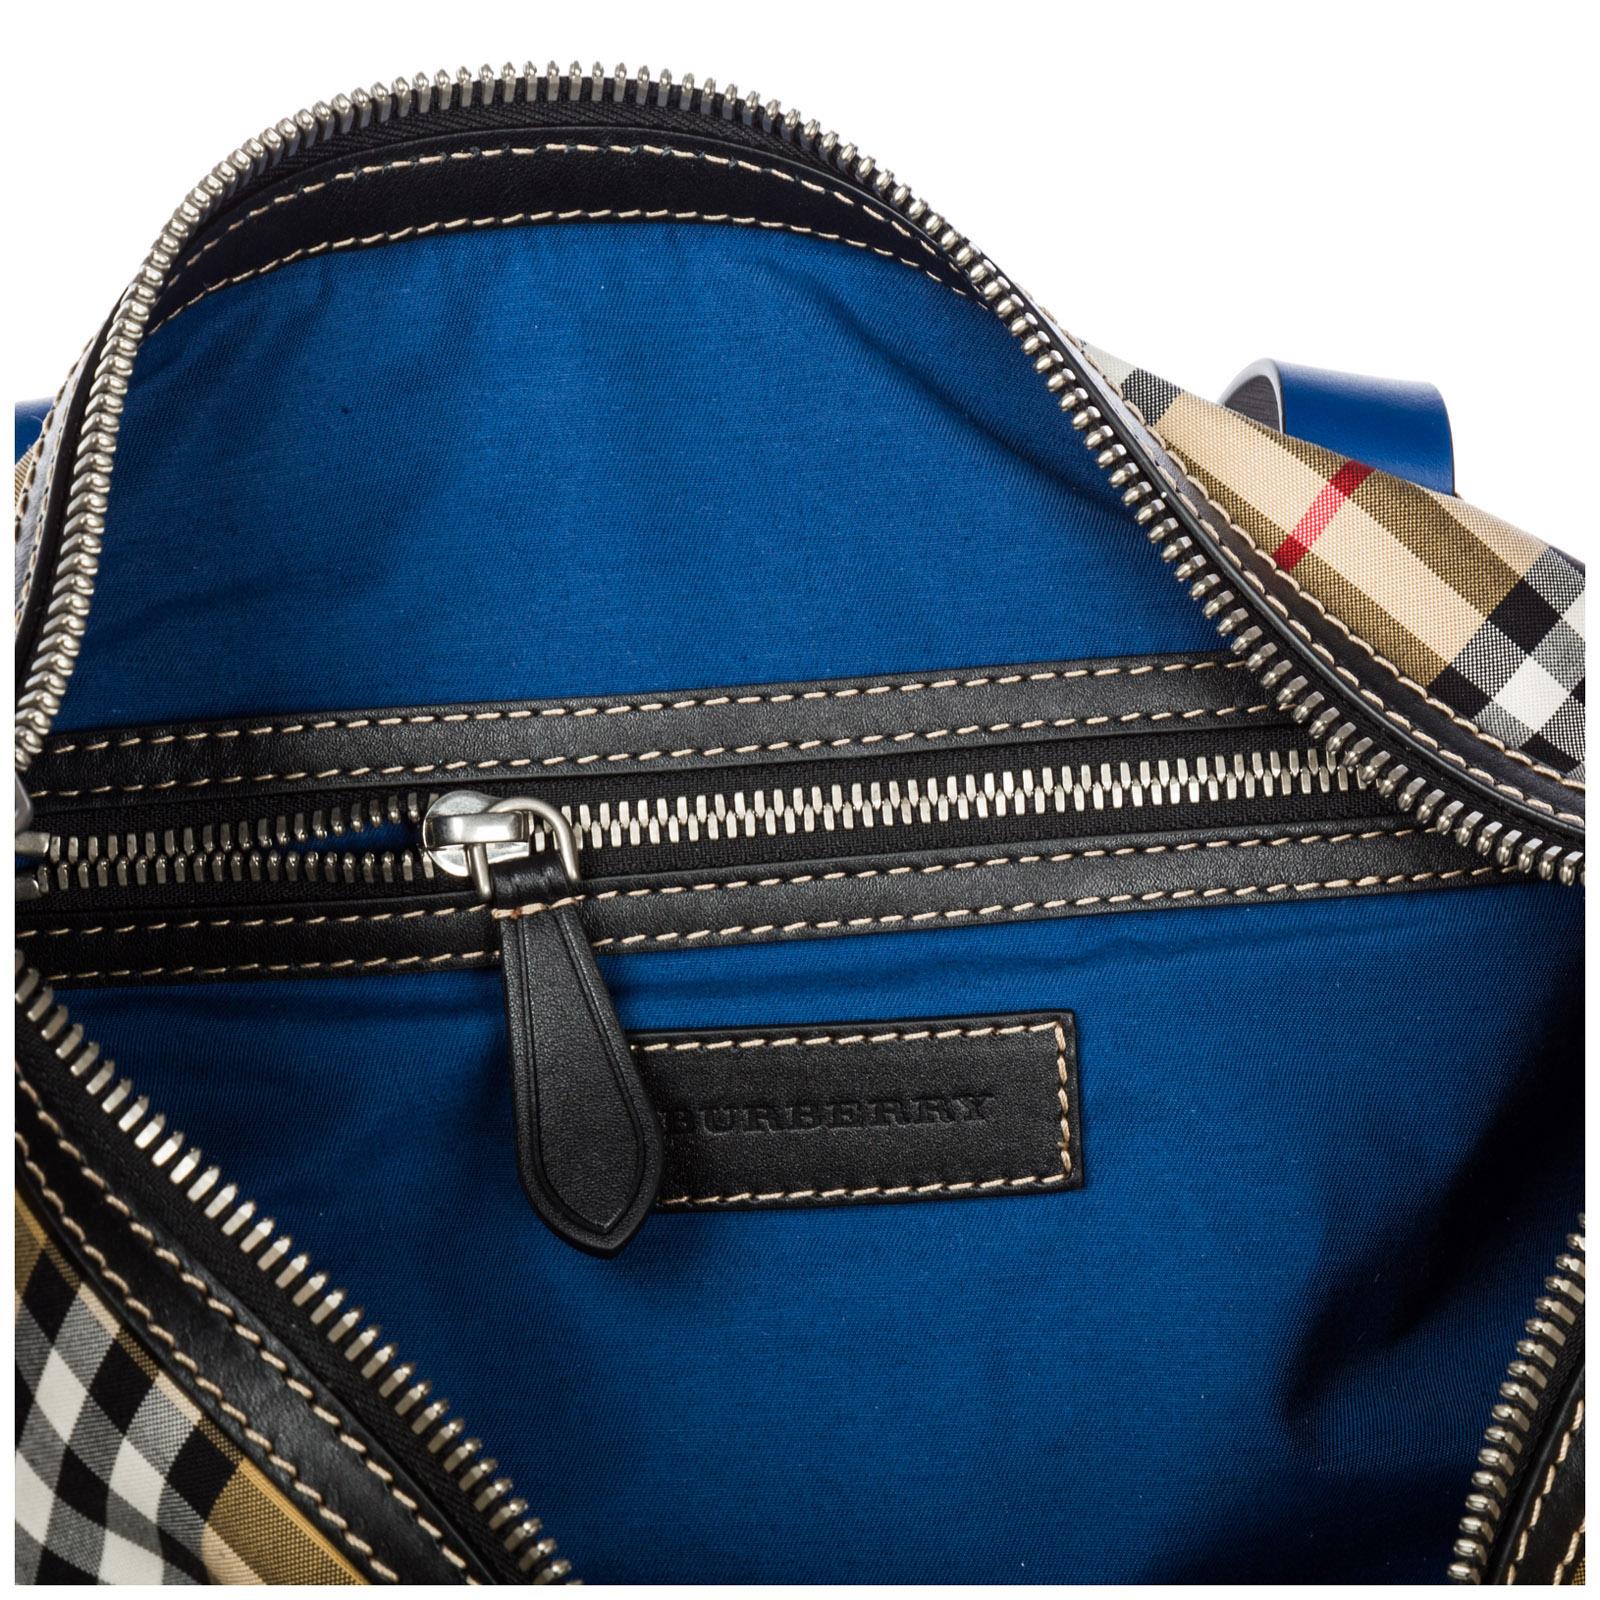 8d73db0fa6 Duffle bag Burberry Kennedy 40742161 canvas blue   FRMODA.com